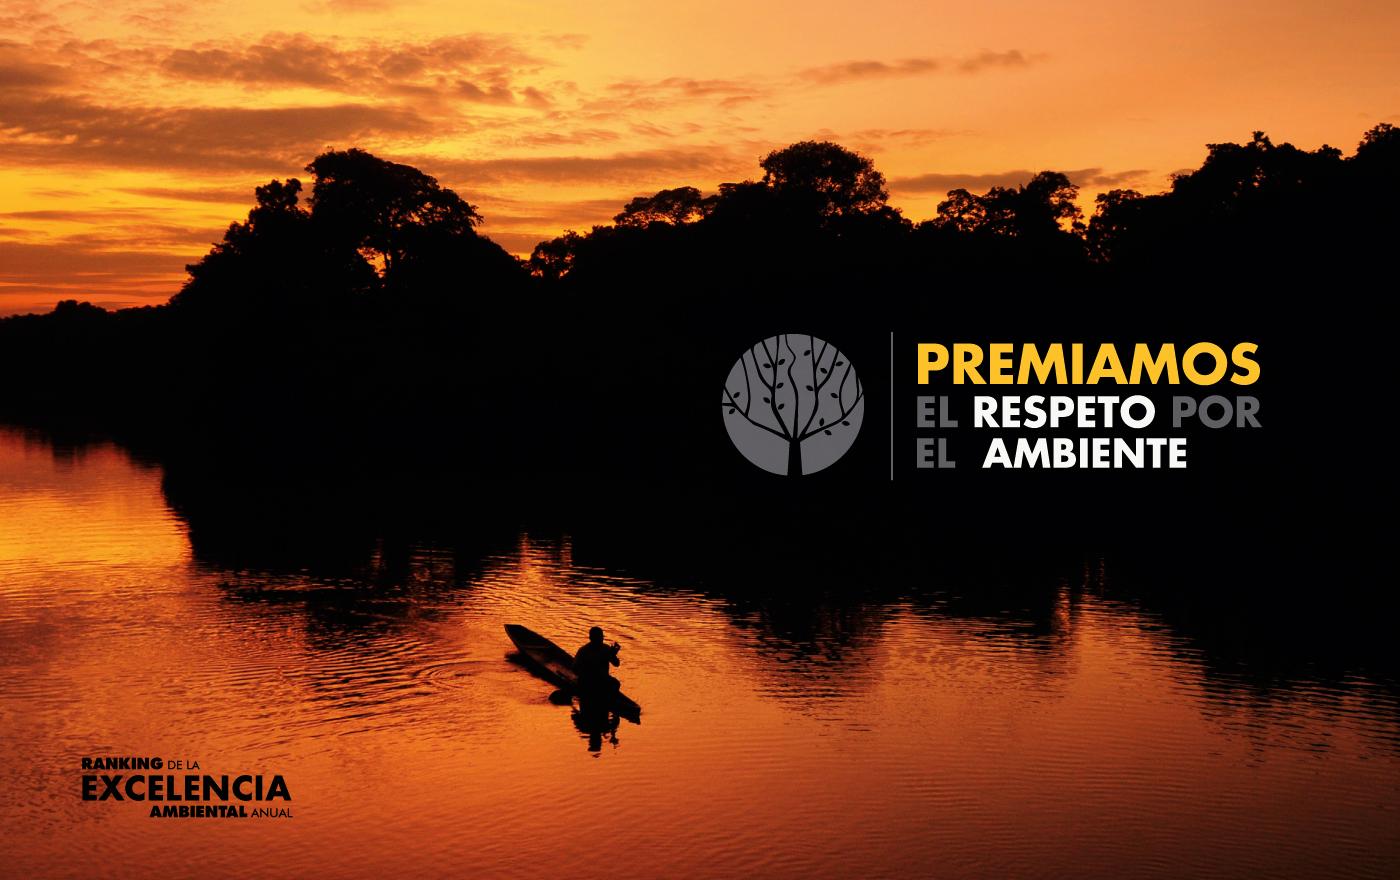 Premiamos el respeto por el medio ambiente